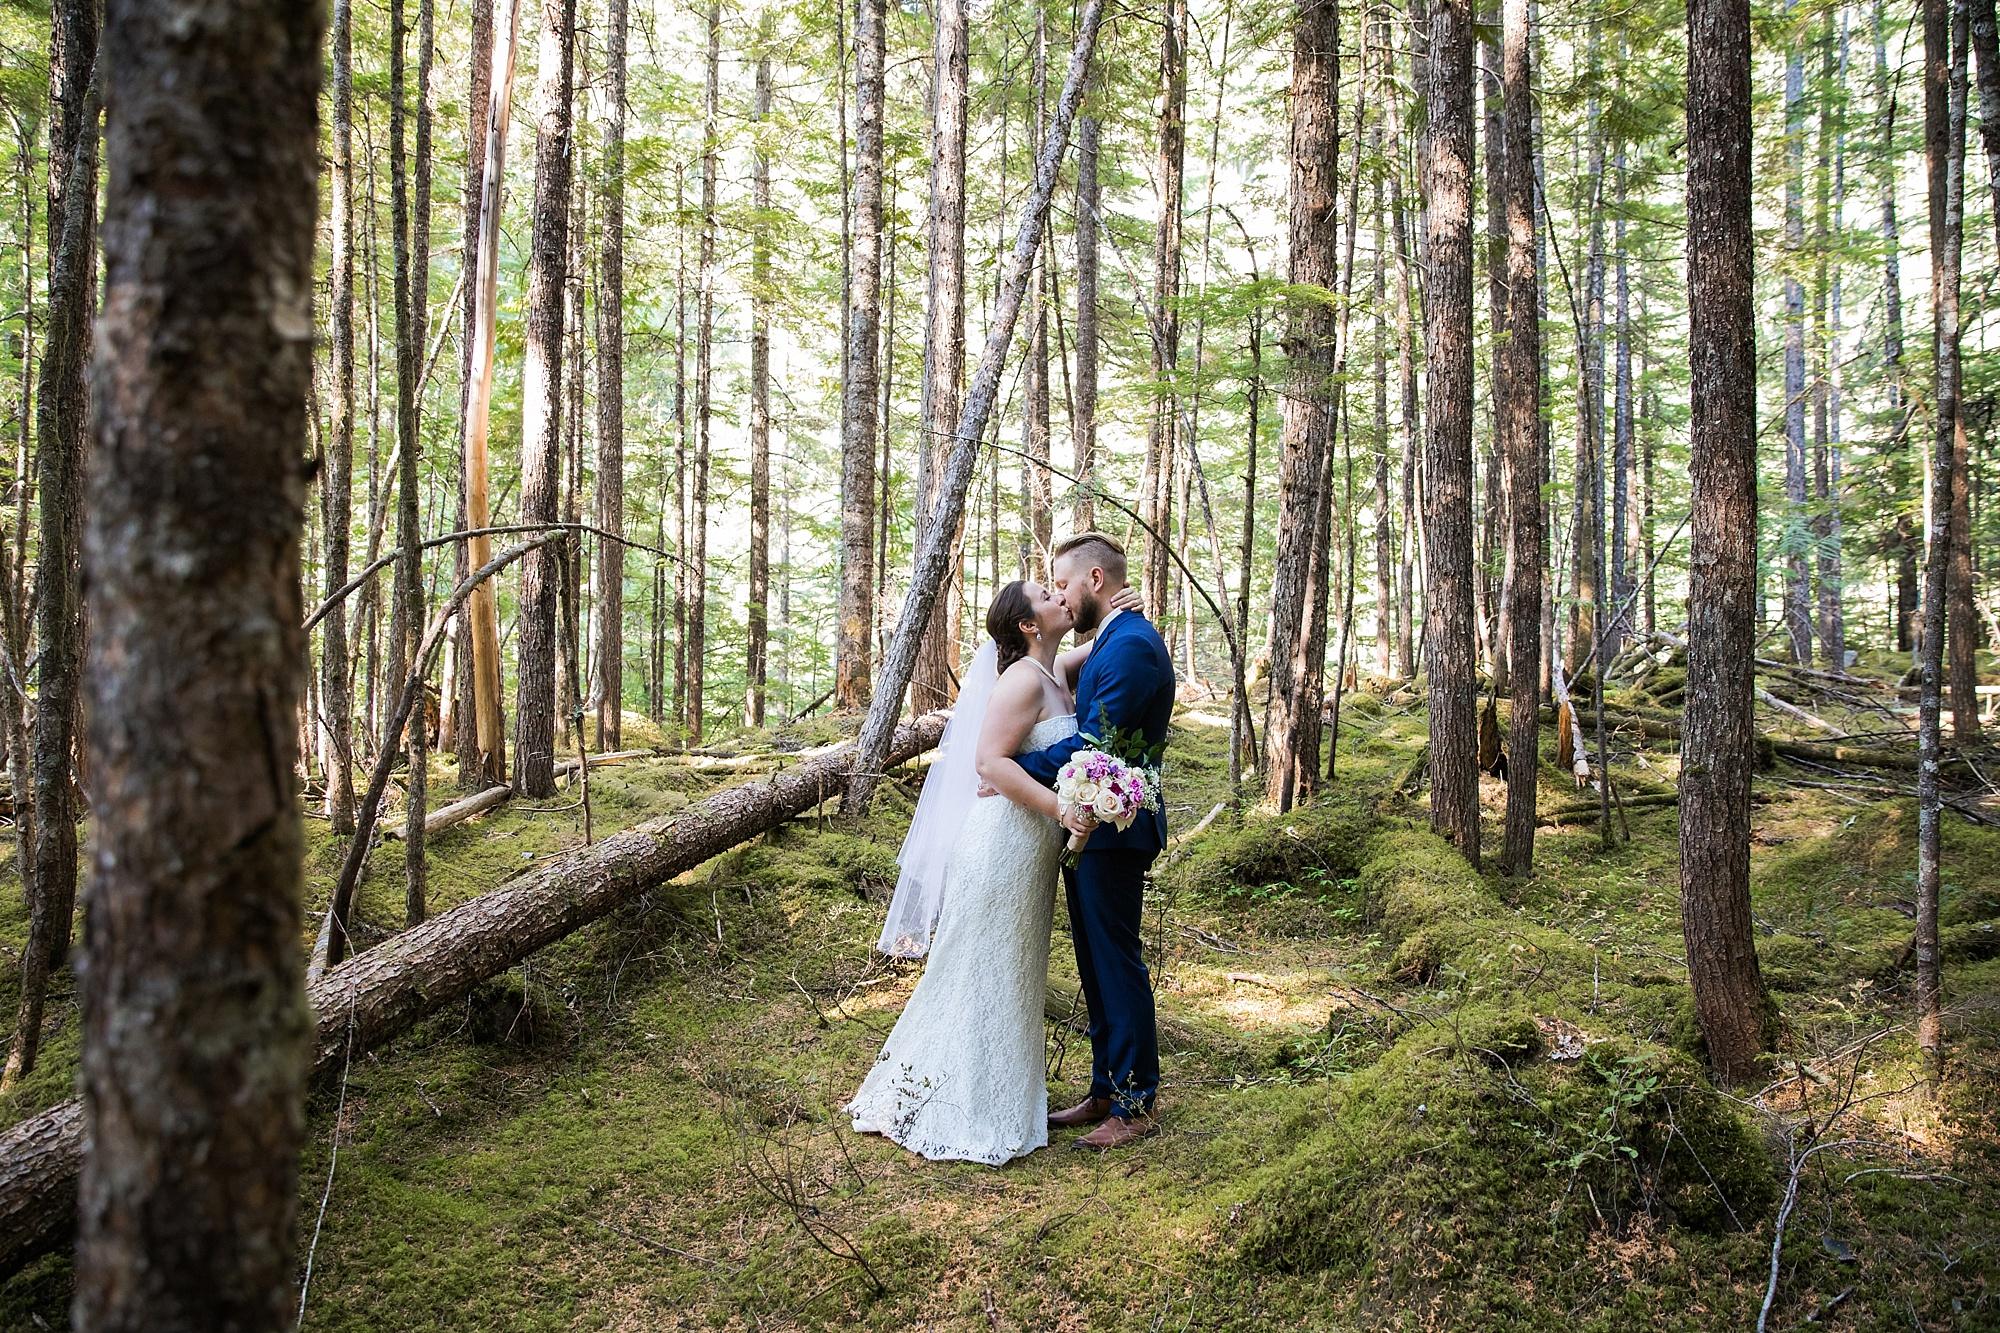 nakusp-wedding-photographer_0046.jpg